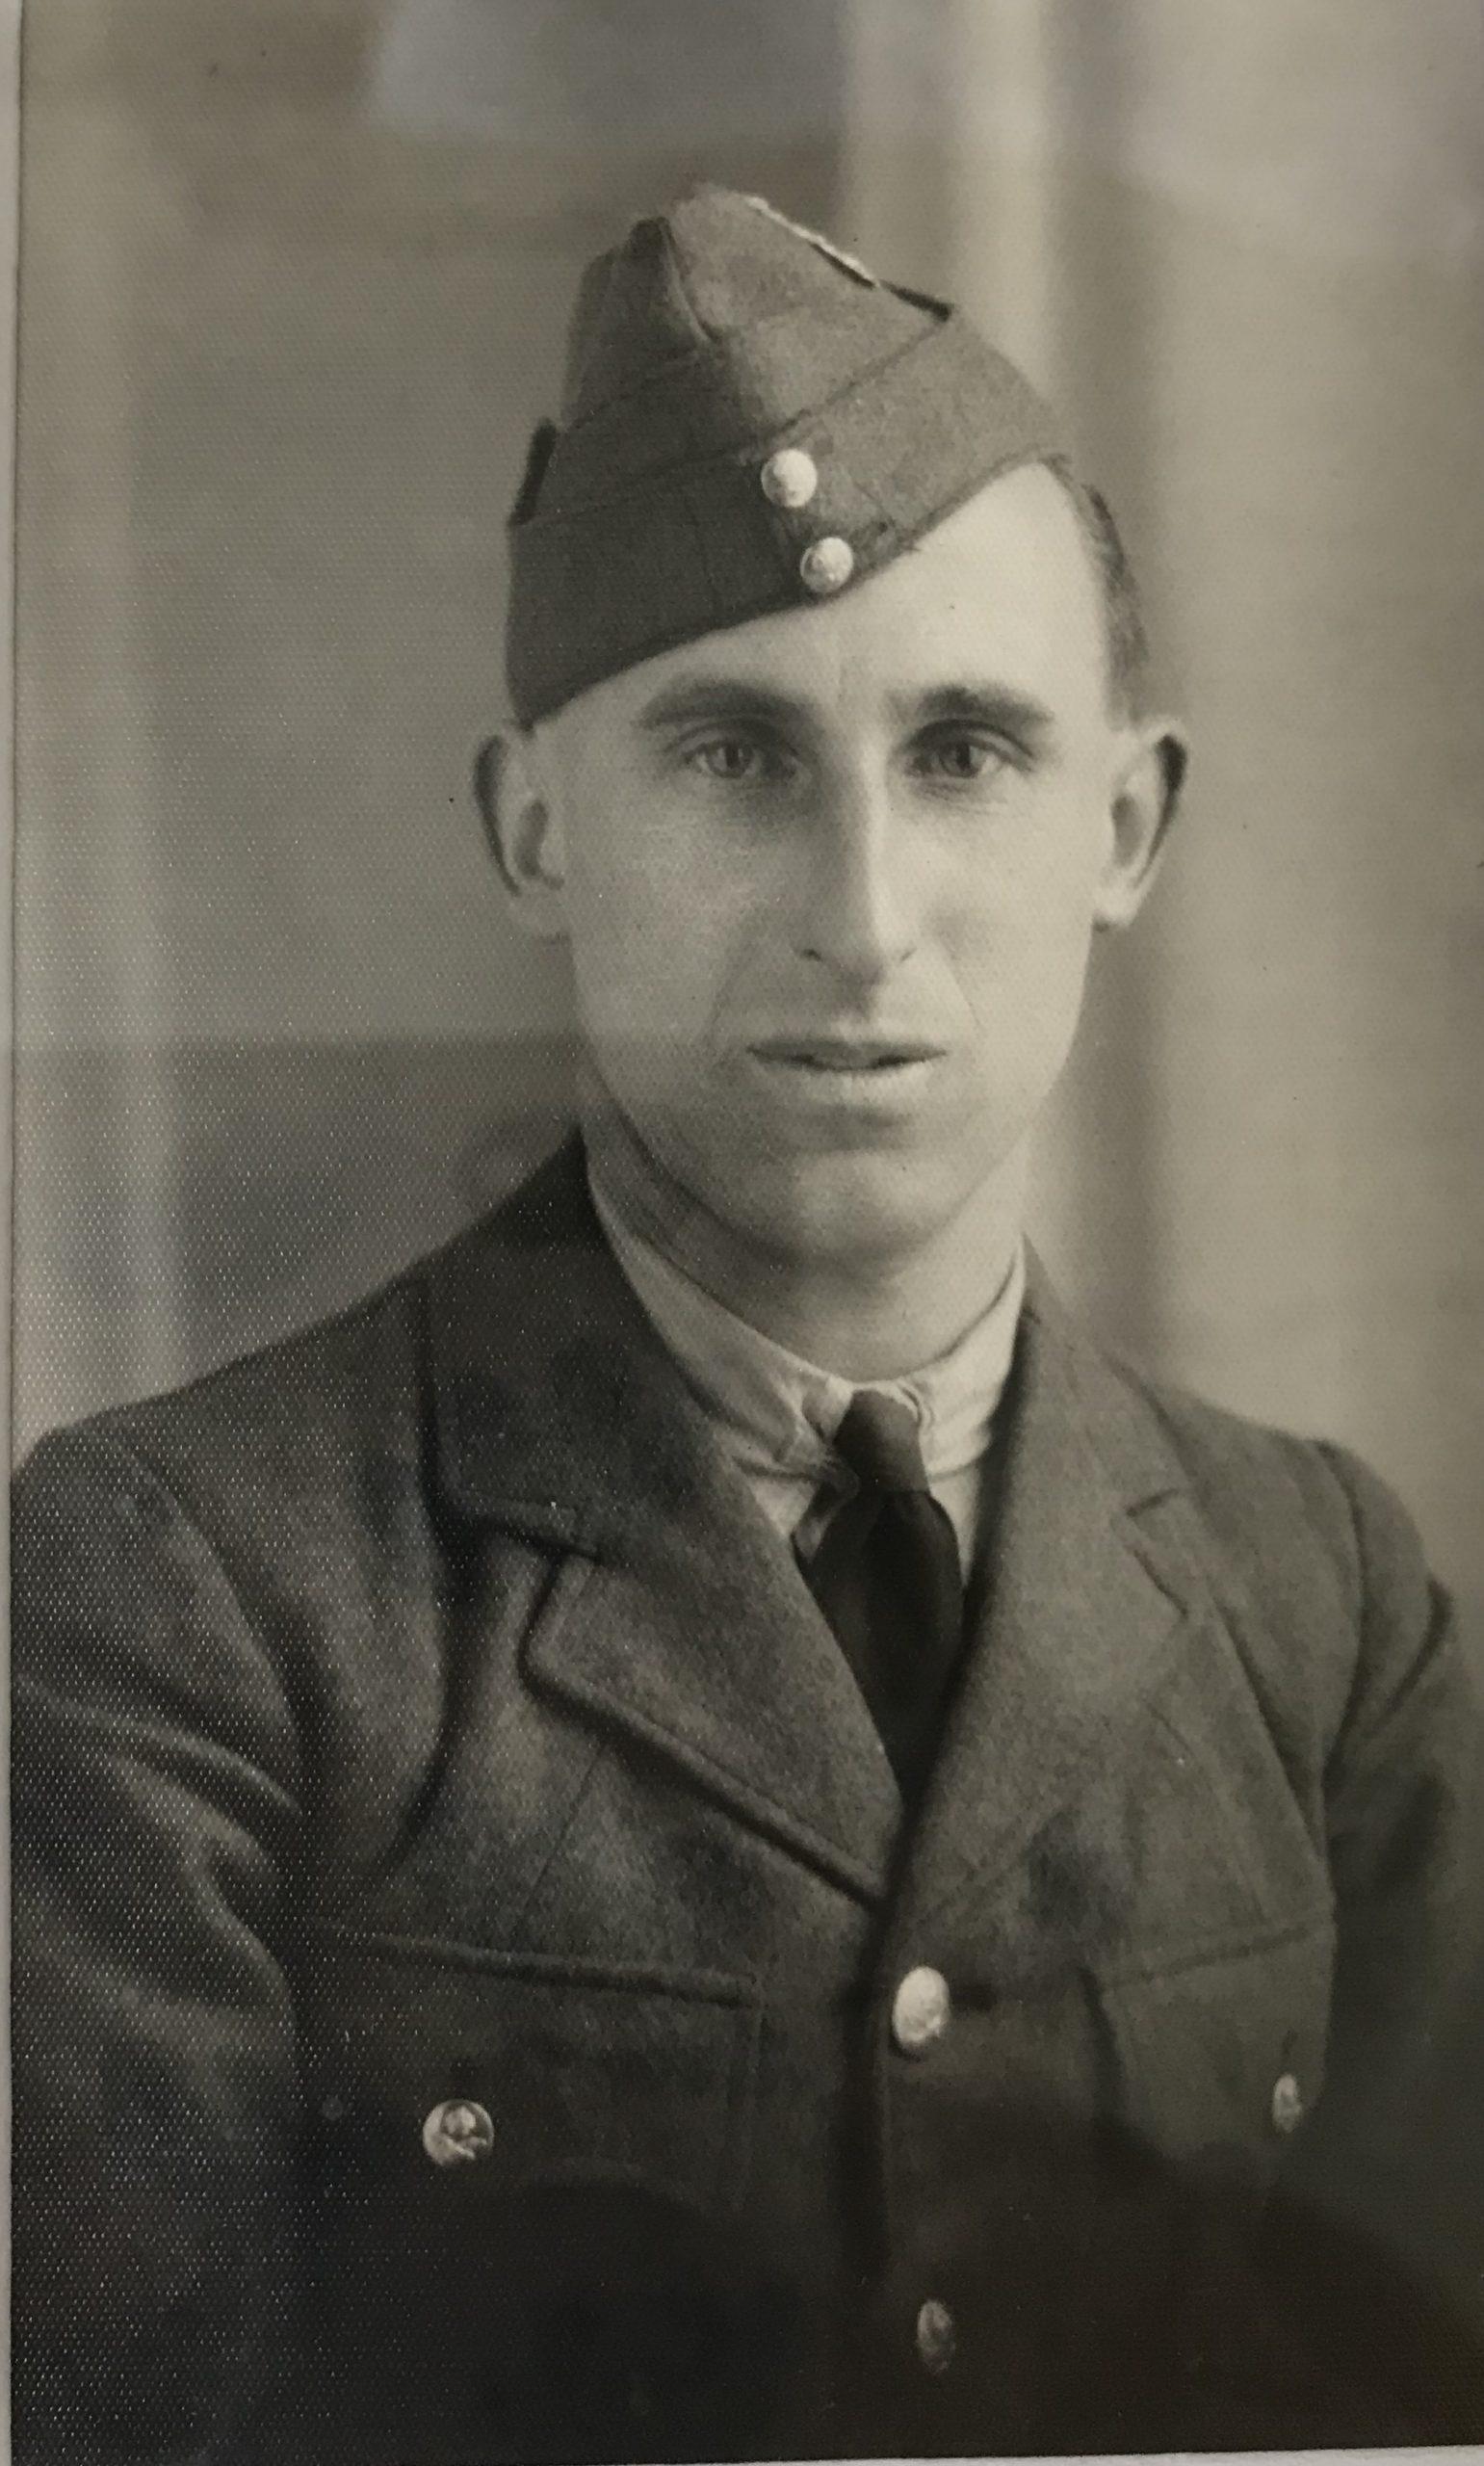 Herbert Hill in WW2